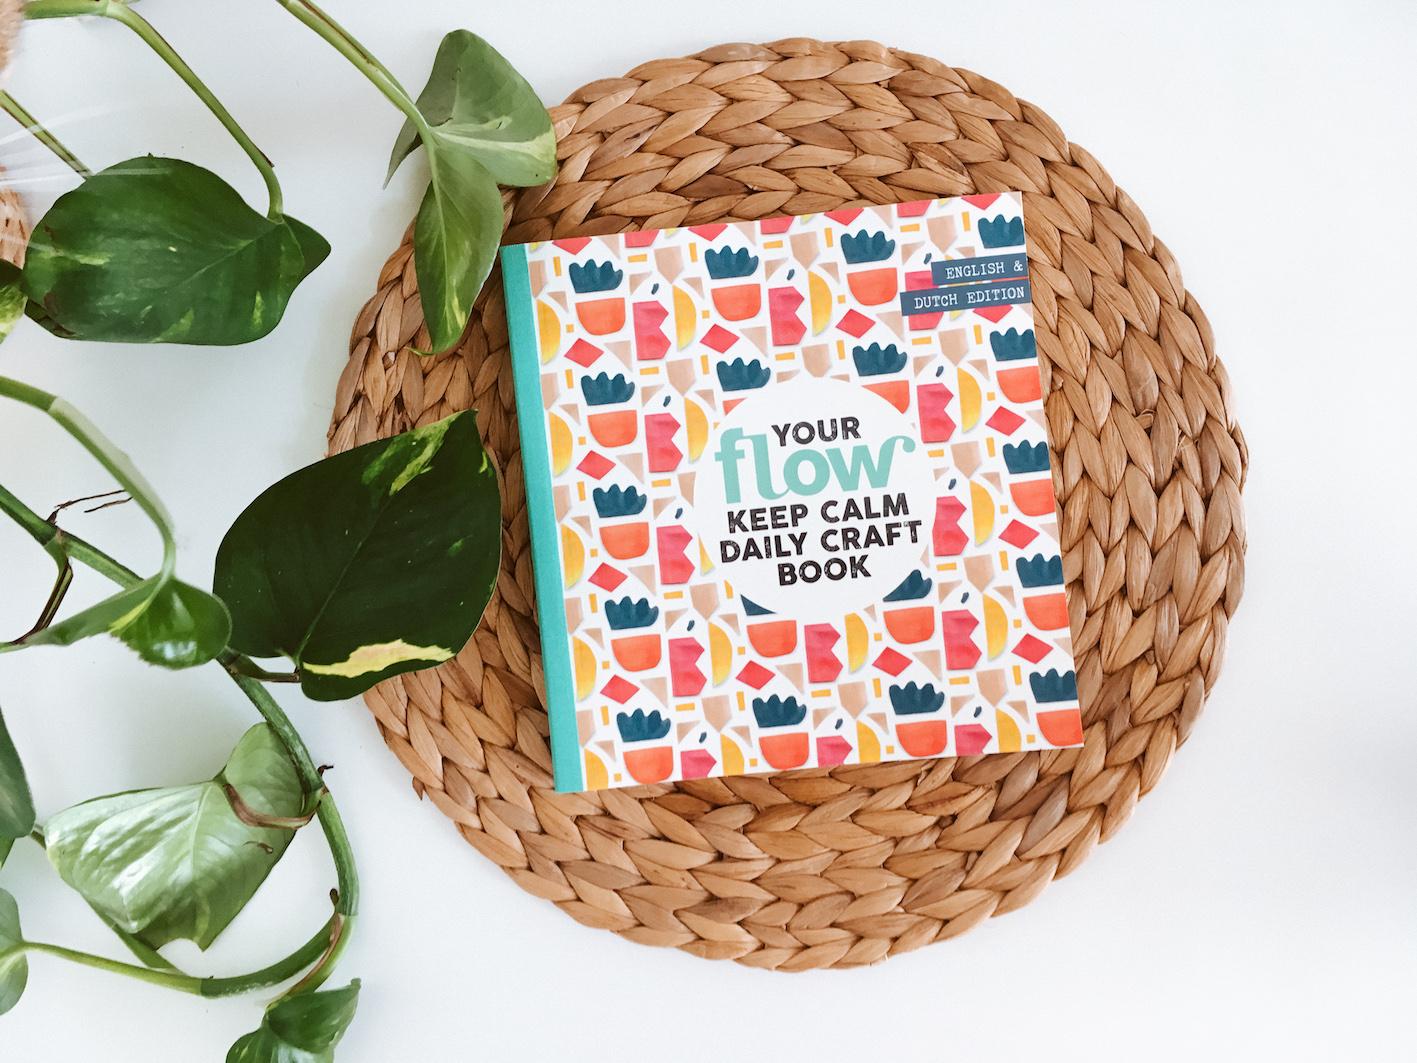 beste leverancier voortreffelijk ontwerp nieuwe release New special: Your Keep Calm Daily Craft Book - Flow Magazine